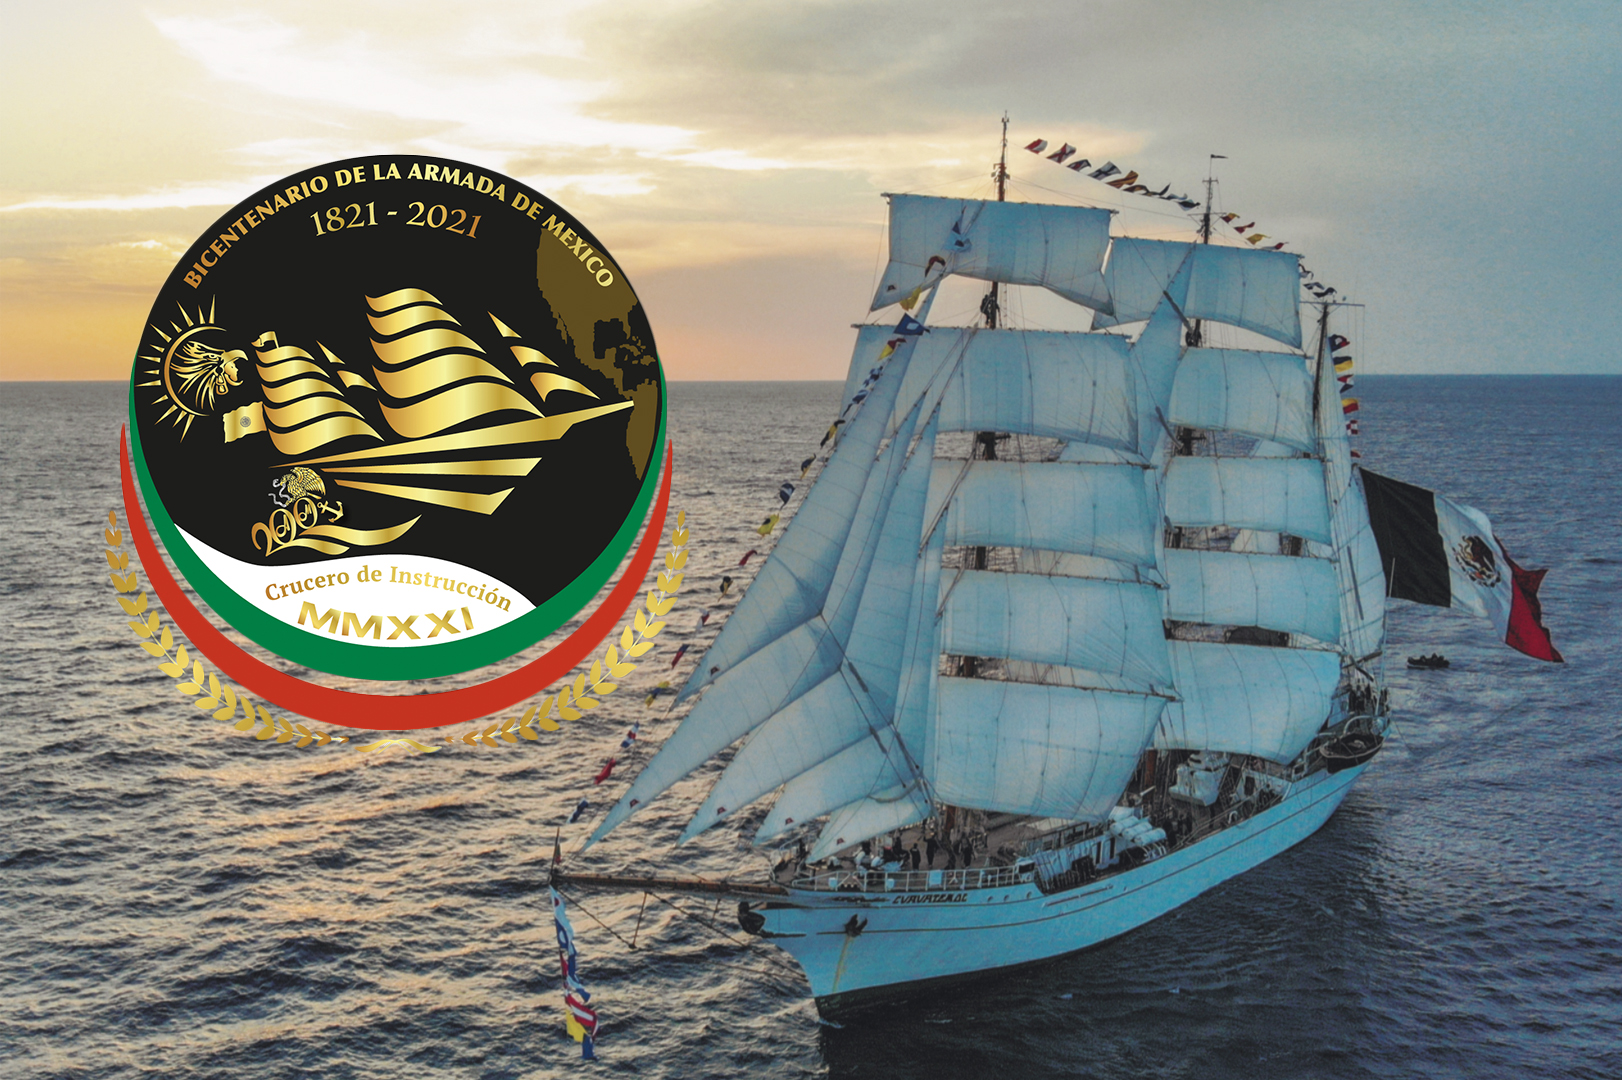 Foto de atardecer con un barco de velas y logotipo conmemorativo al crucero de instrucción